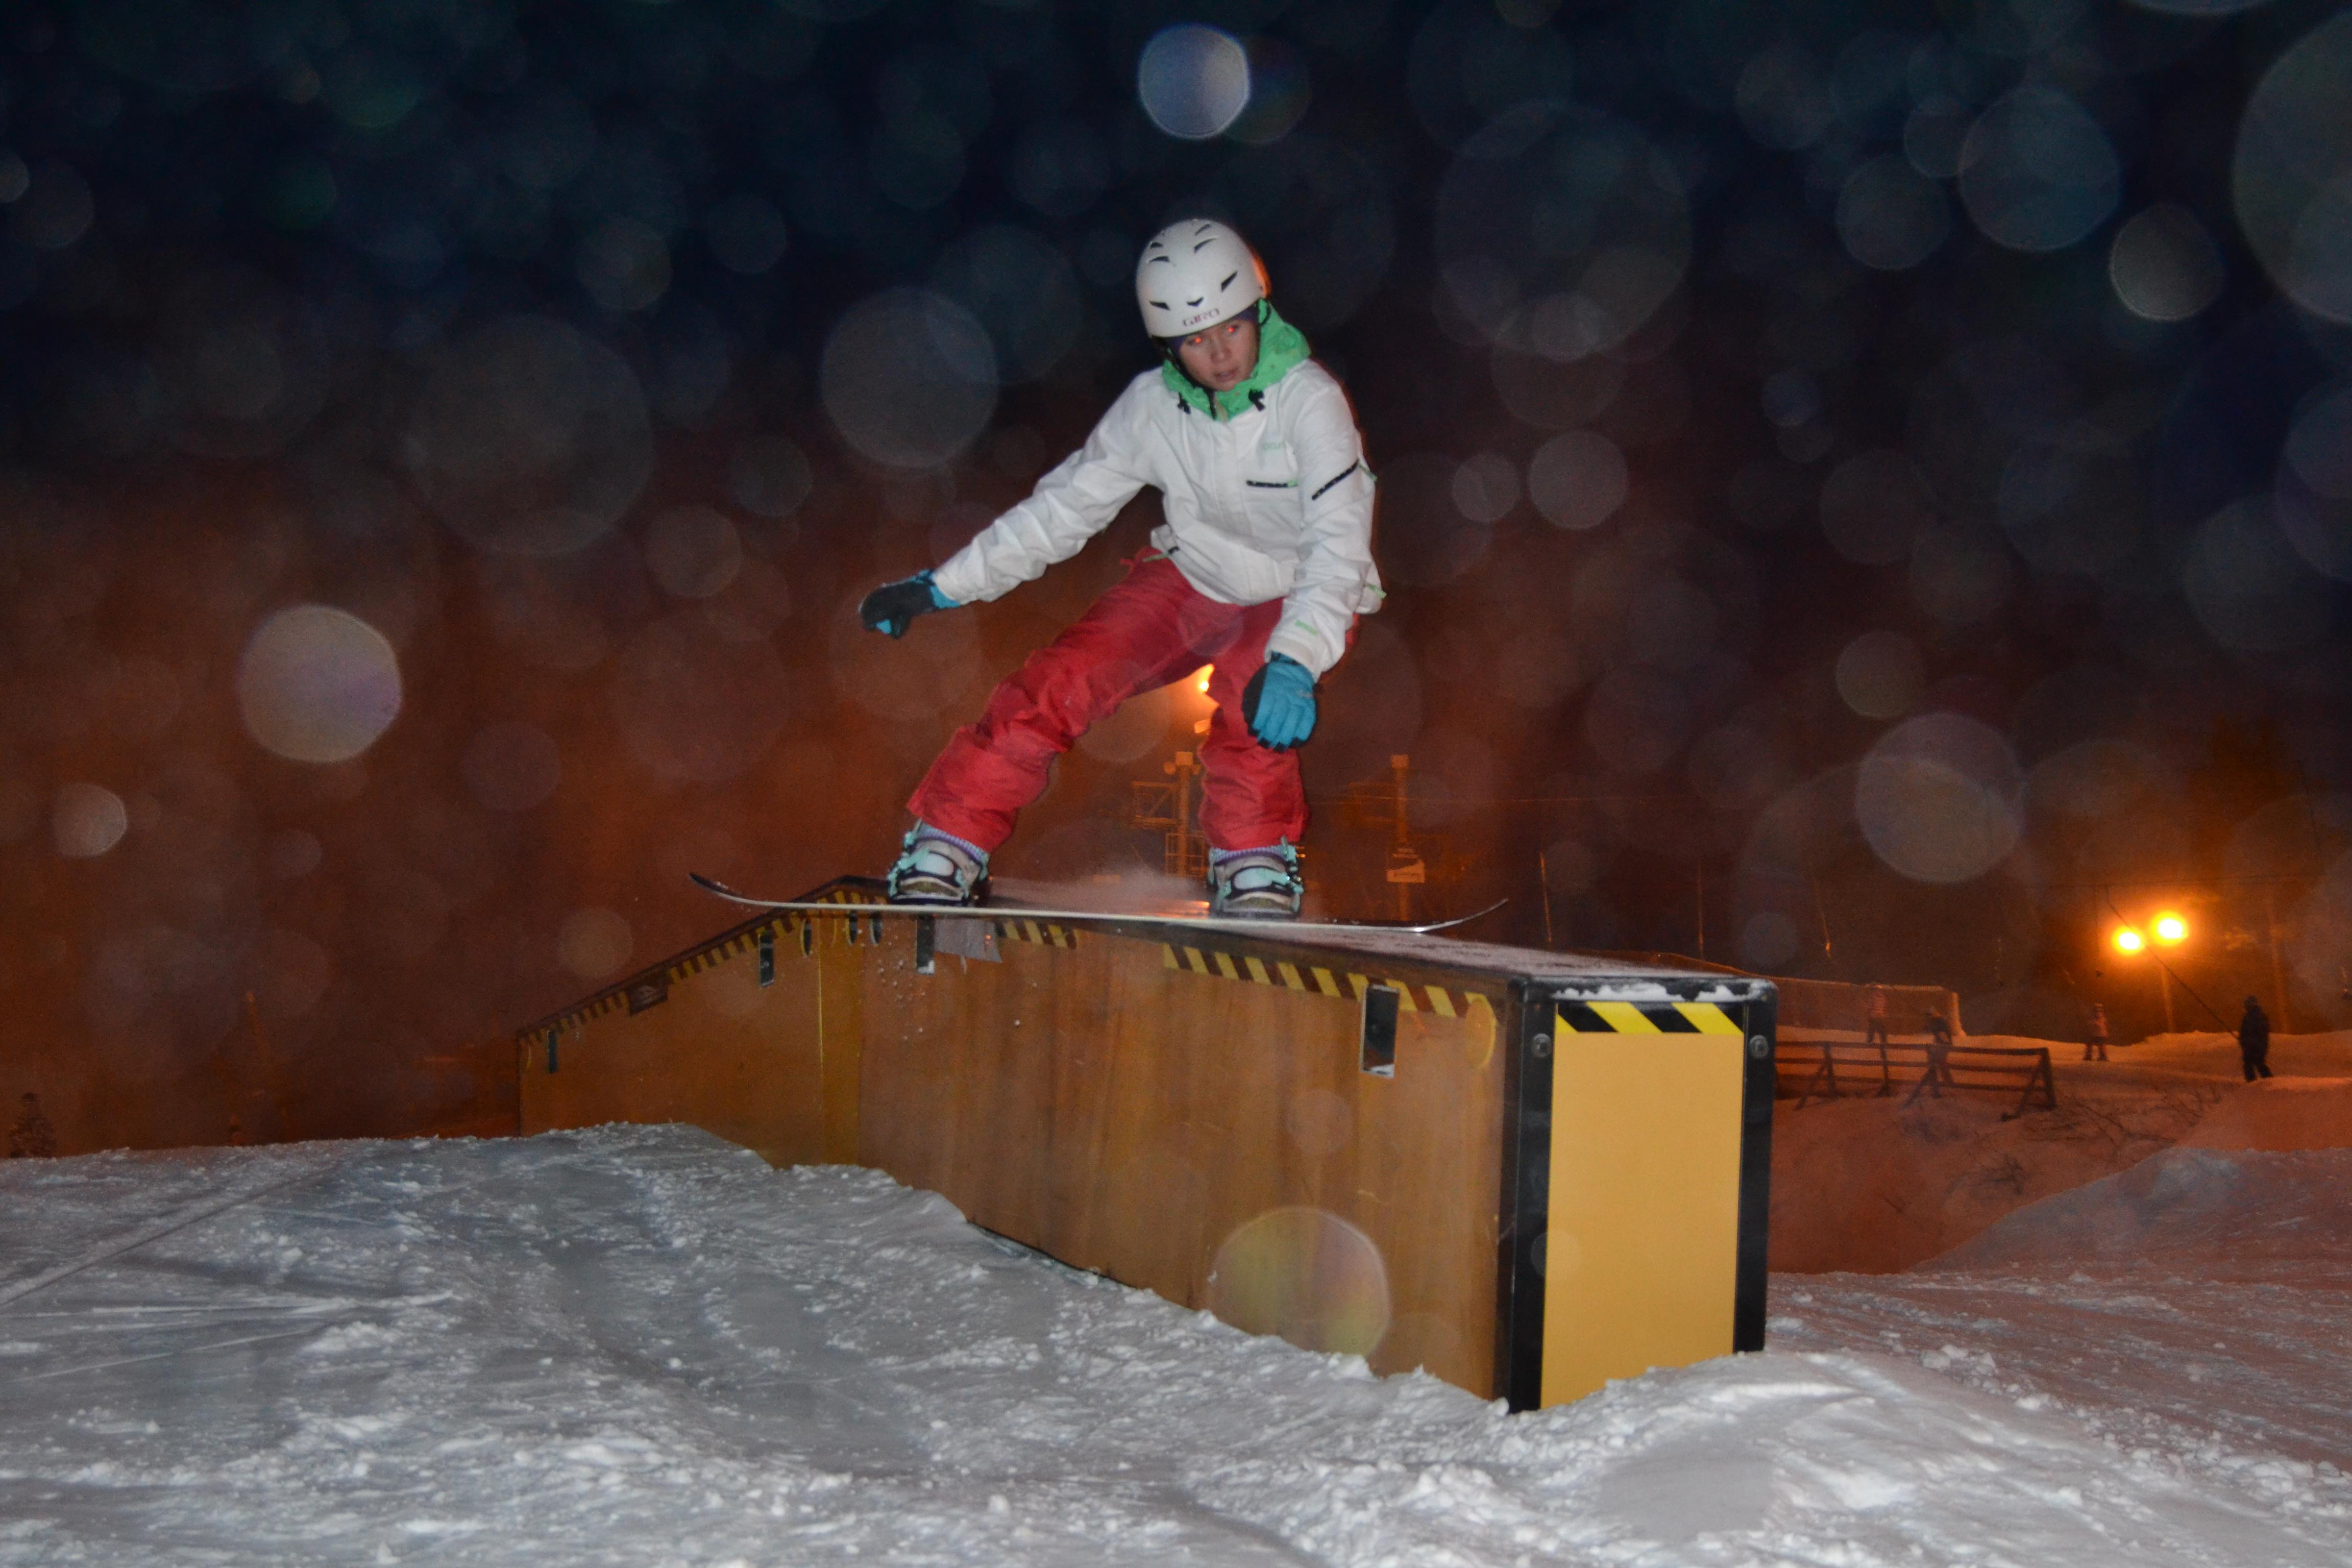 Talma snowboard